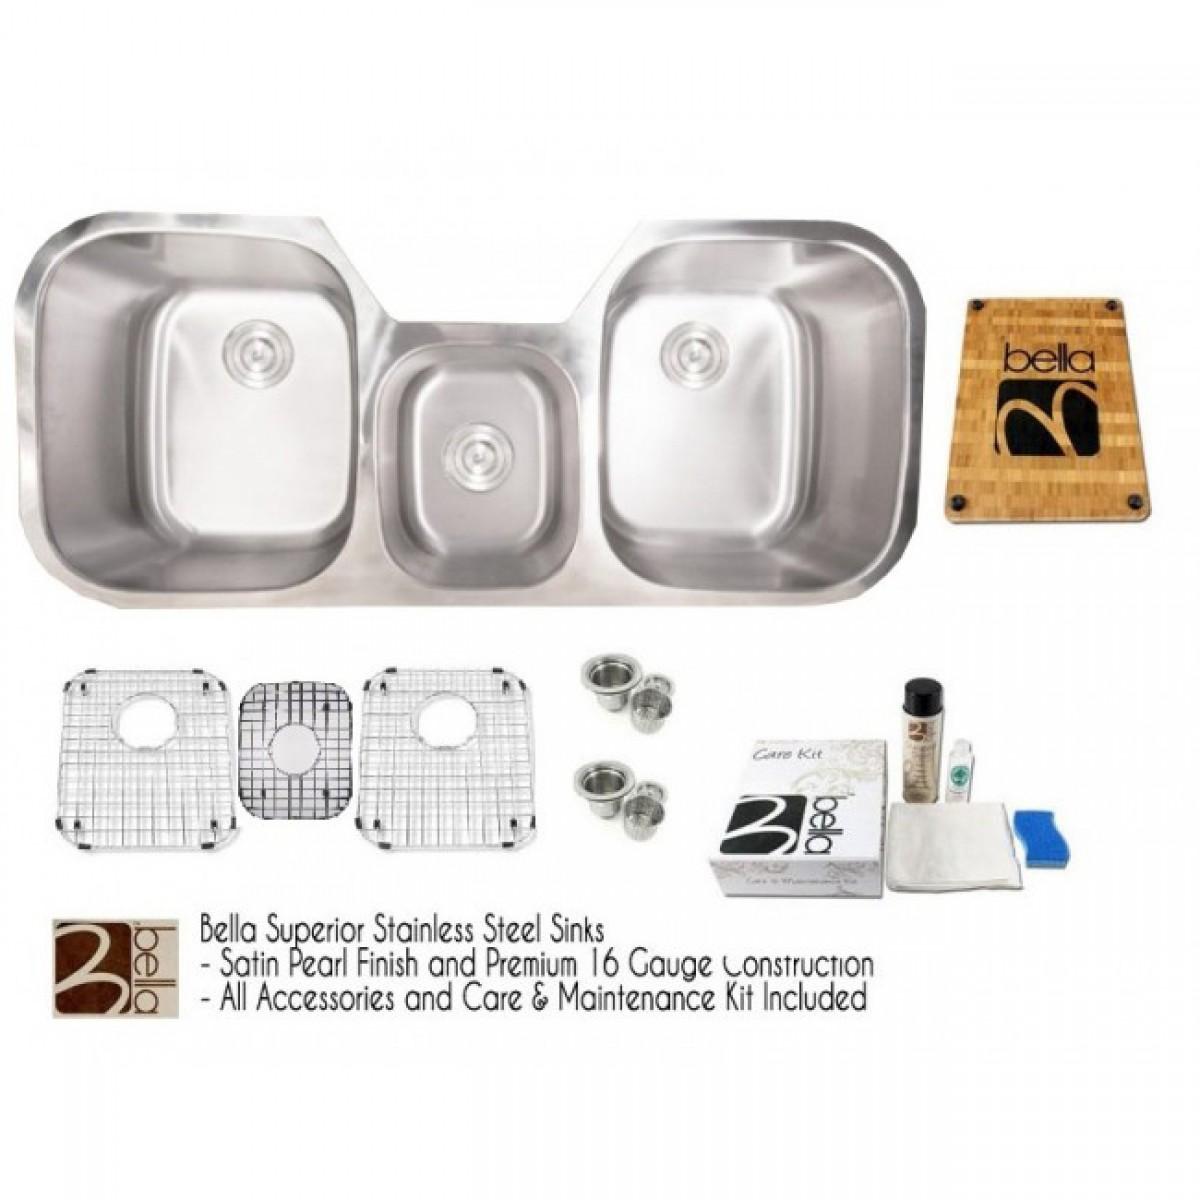 Bella 46 Inch Stainless Steel Undermount Triple Bowl Kitchen Sink ...